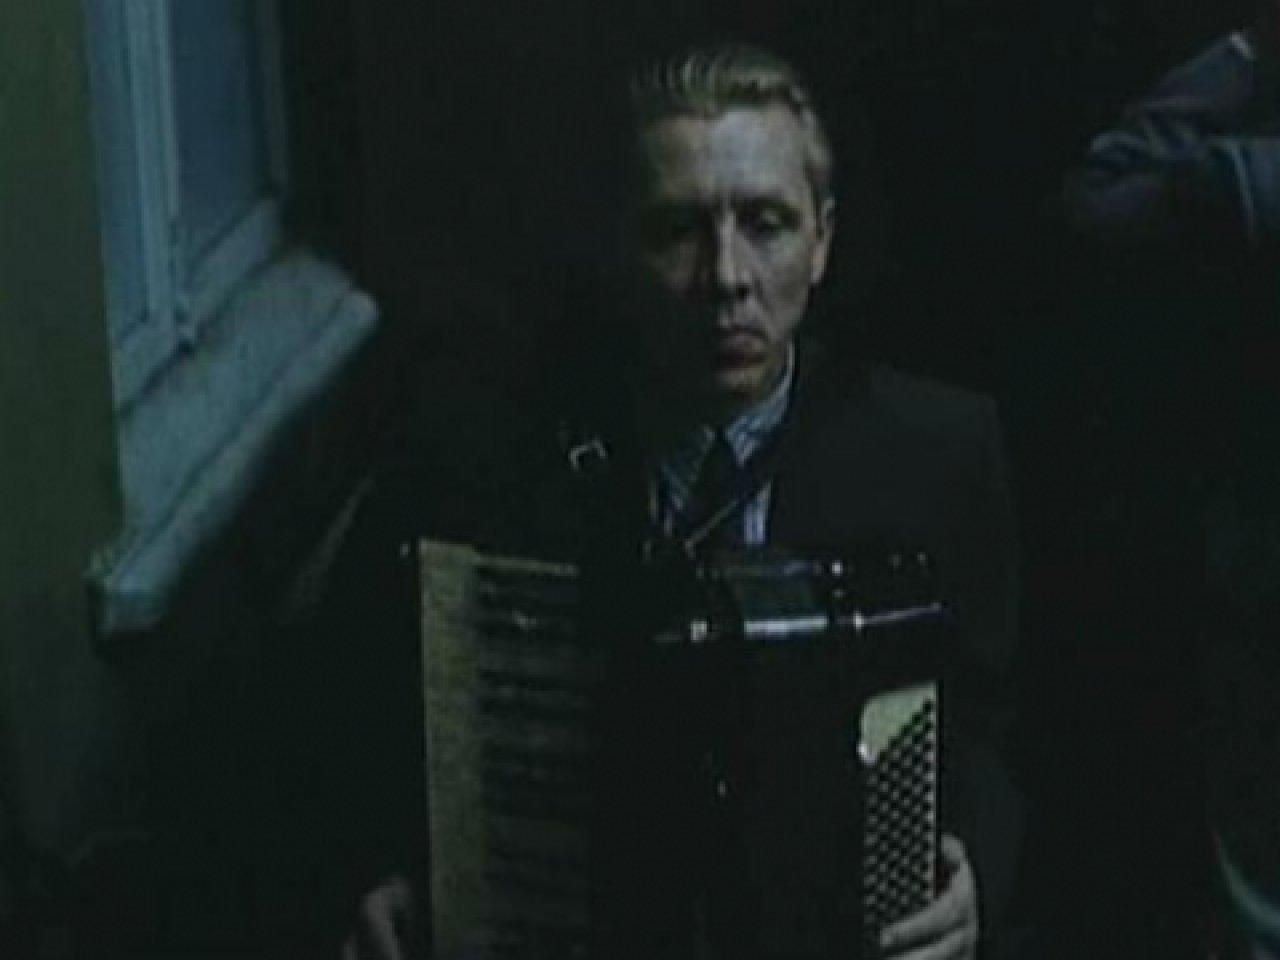 Человек саккордеоном